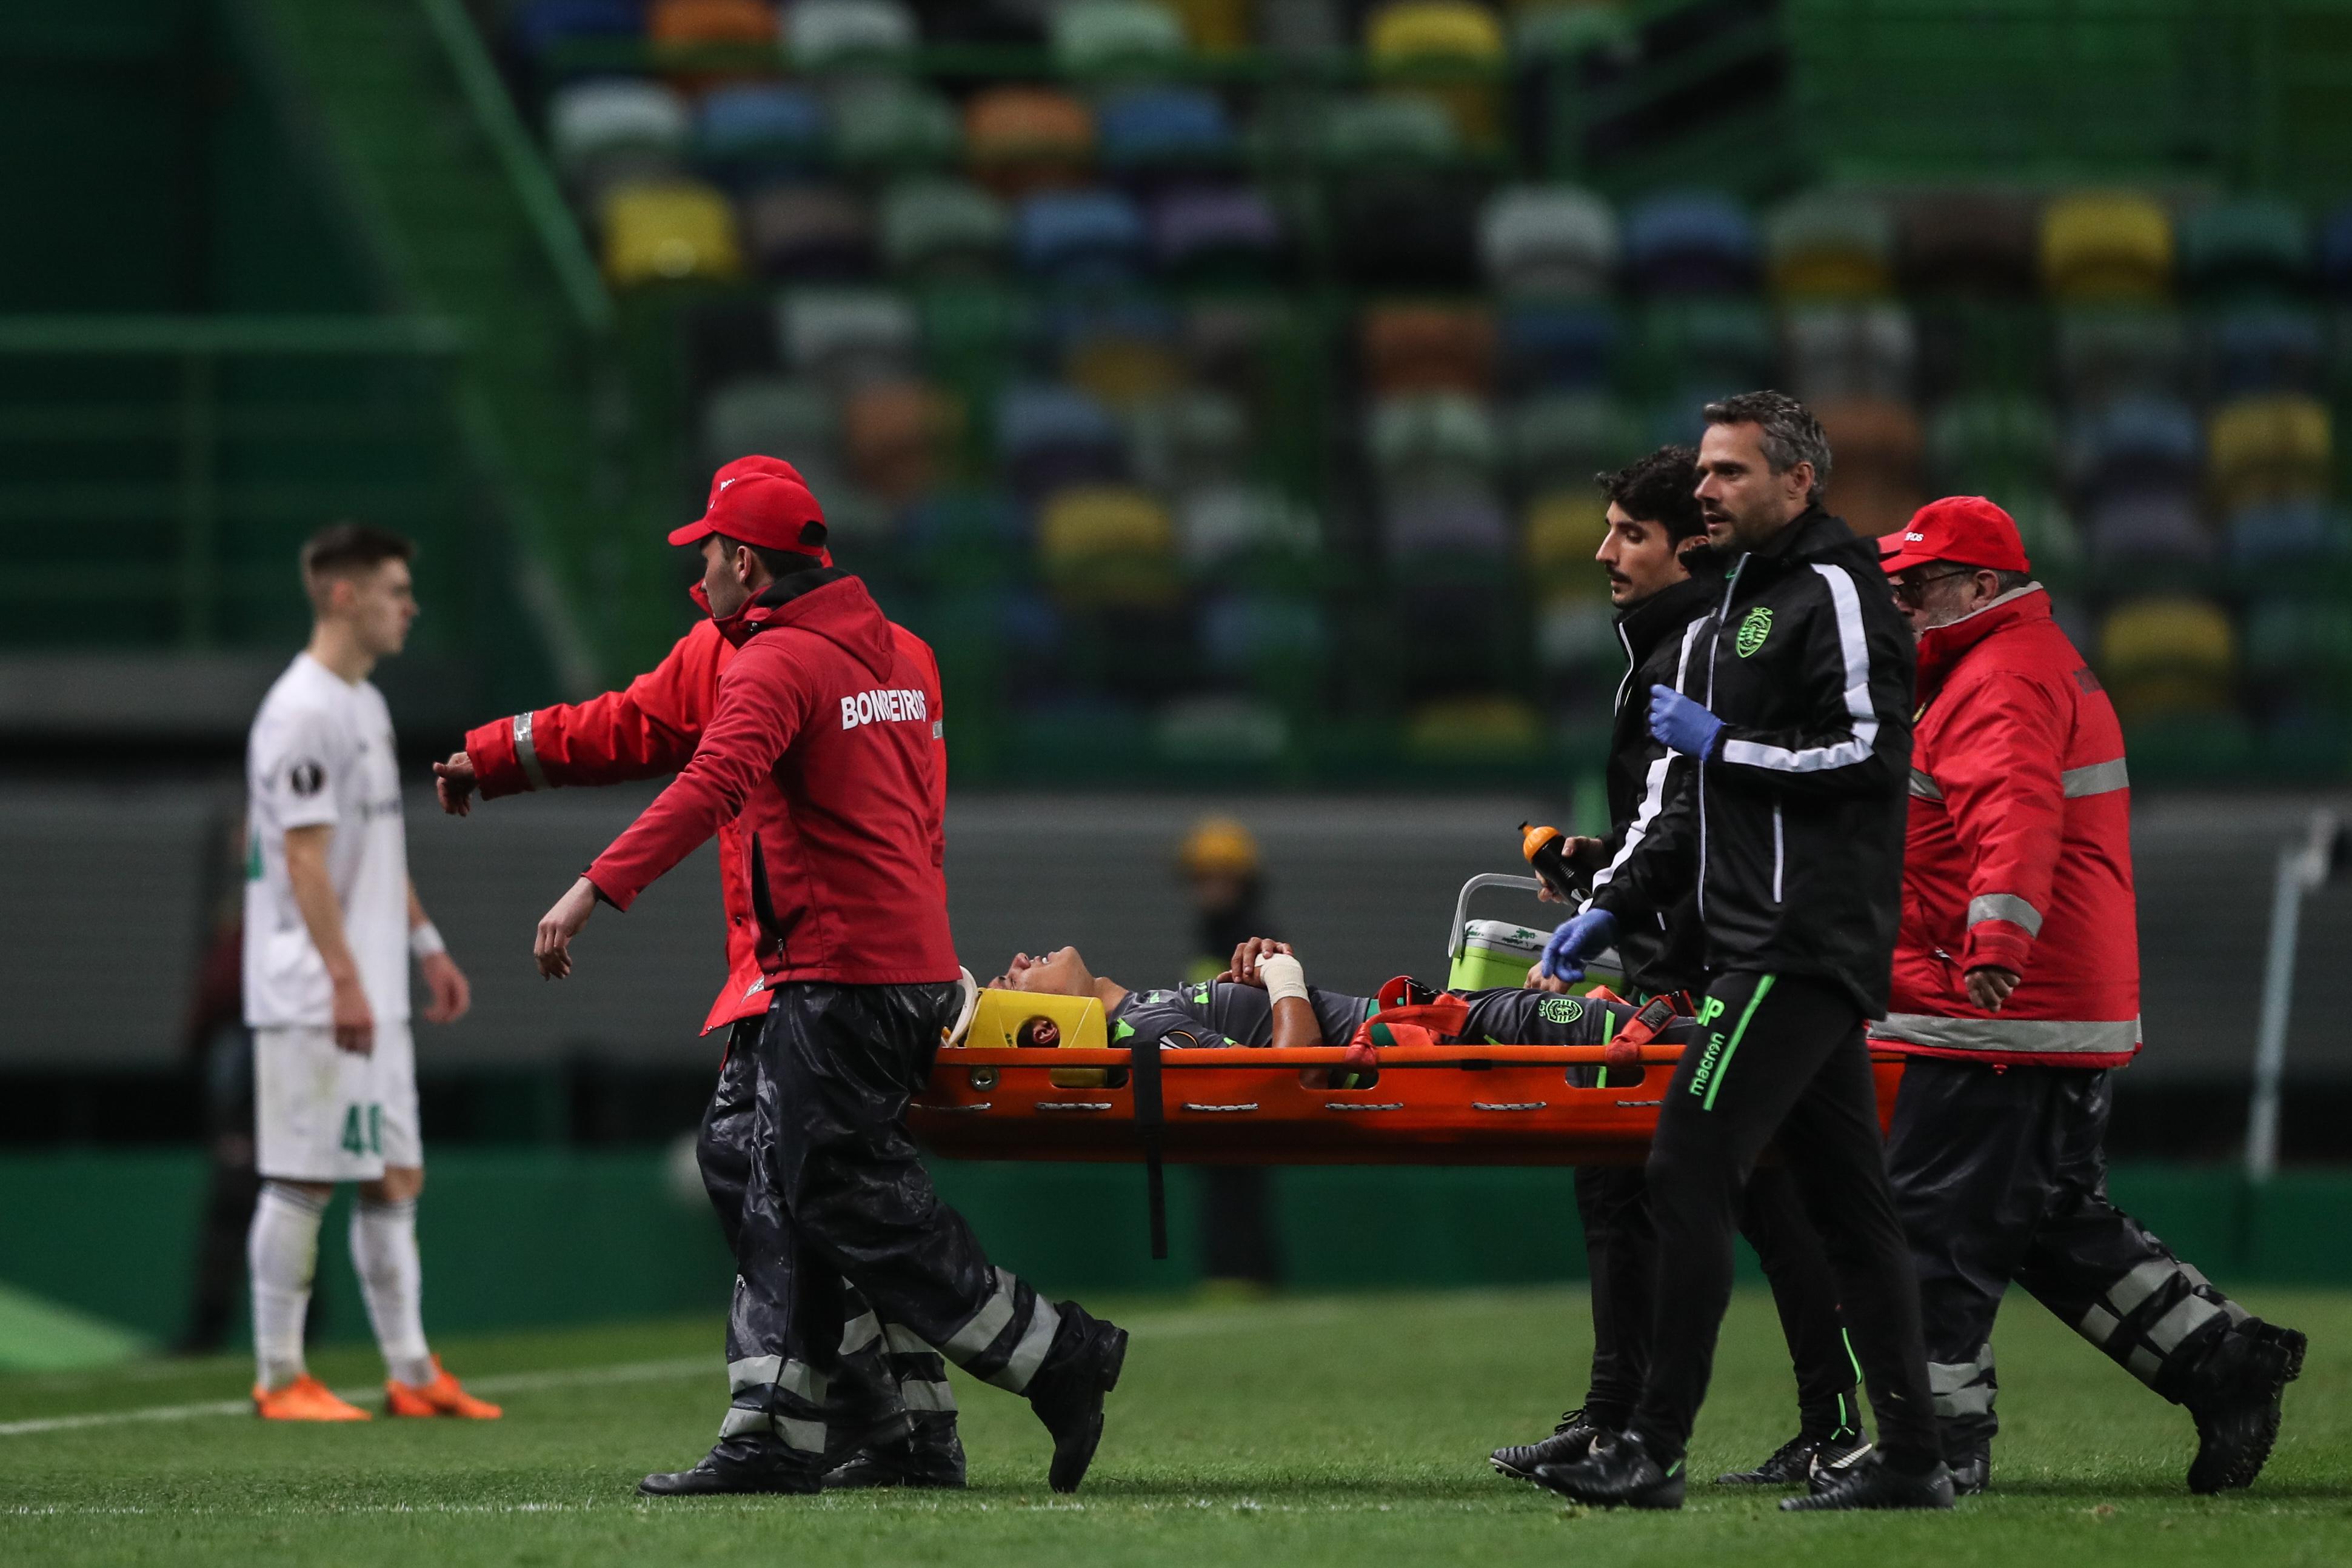 Montero sofreu lesão no ligamento do tornozelo direito e será reavaliado